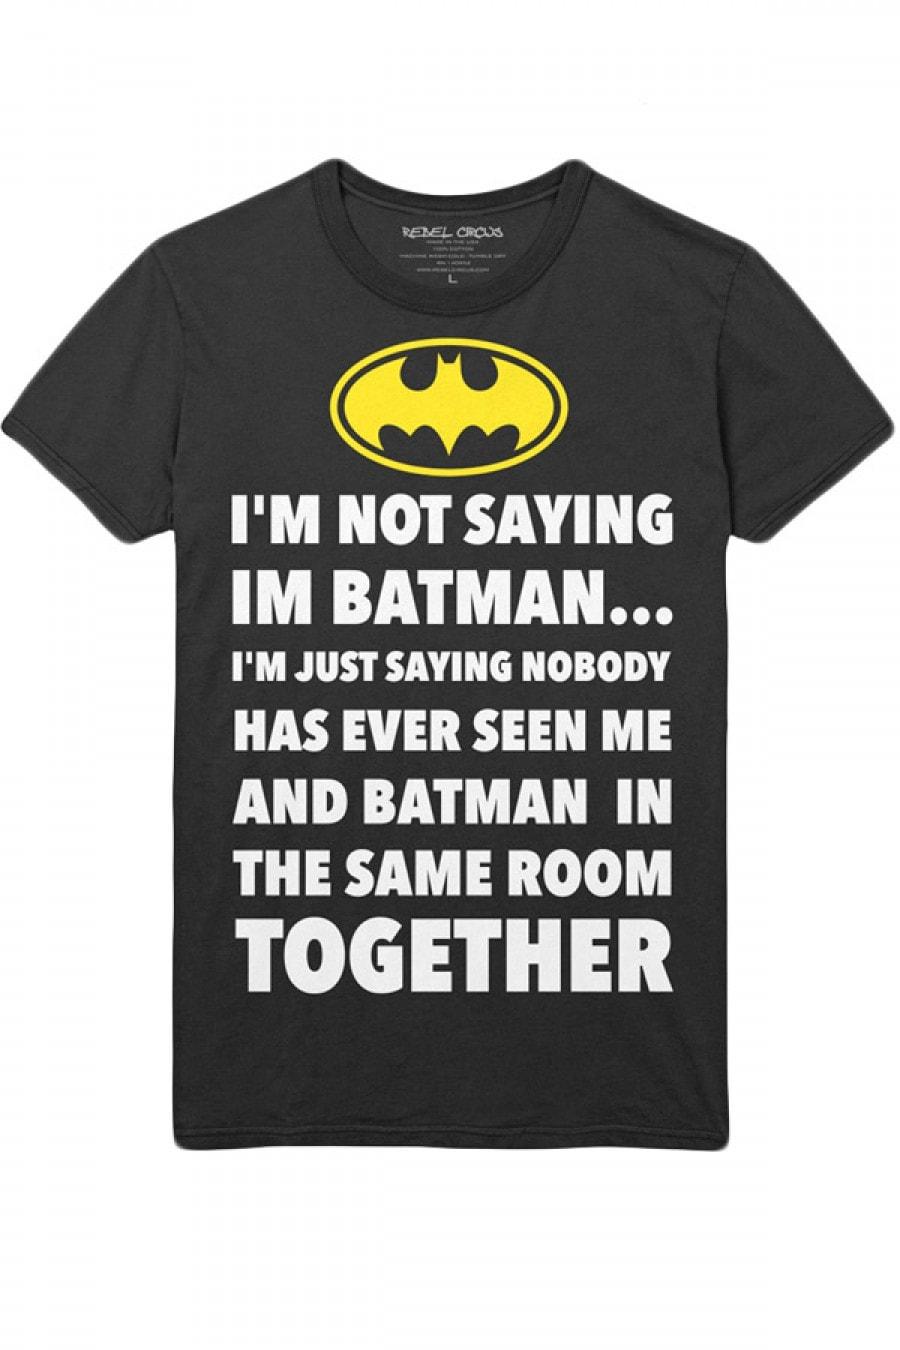 Ich behaupte nicht, dass ich Batman bin…